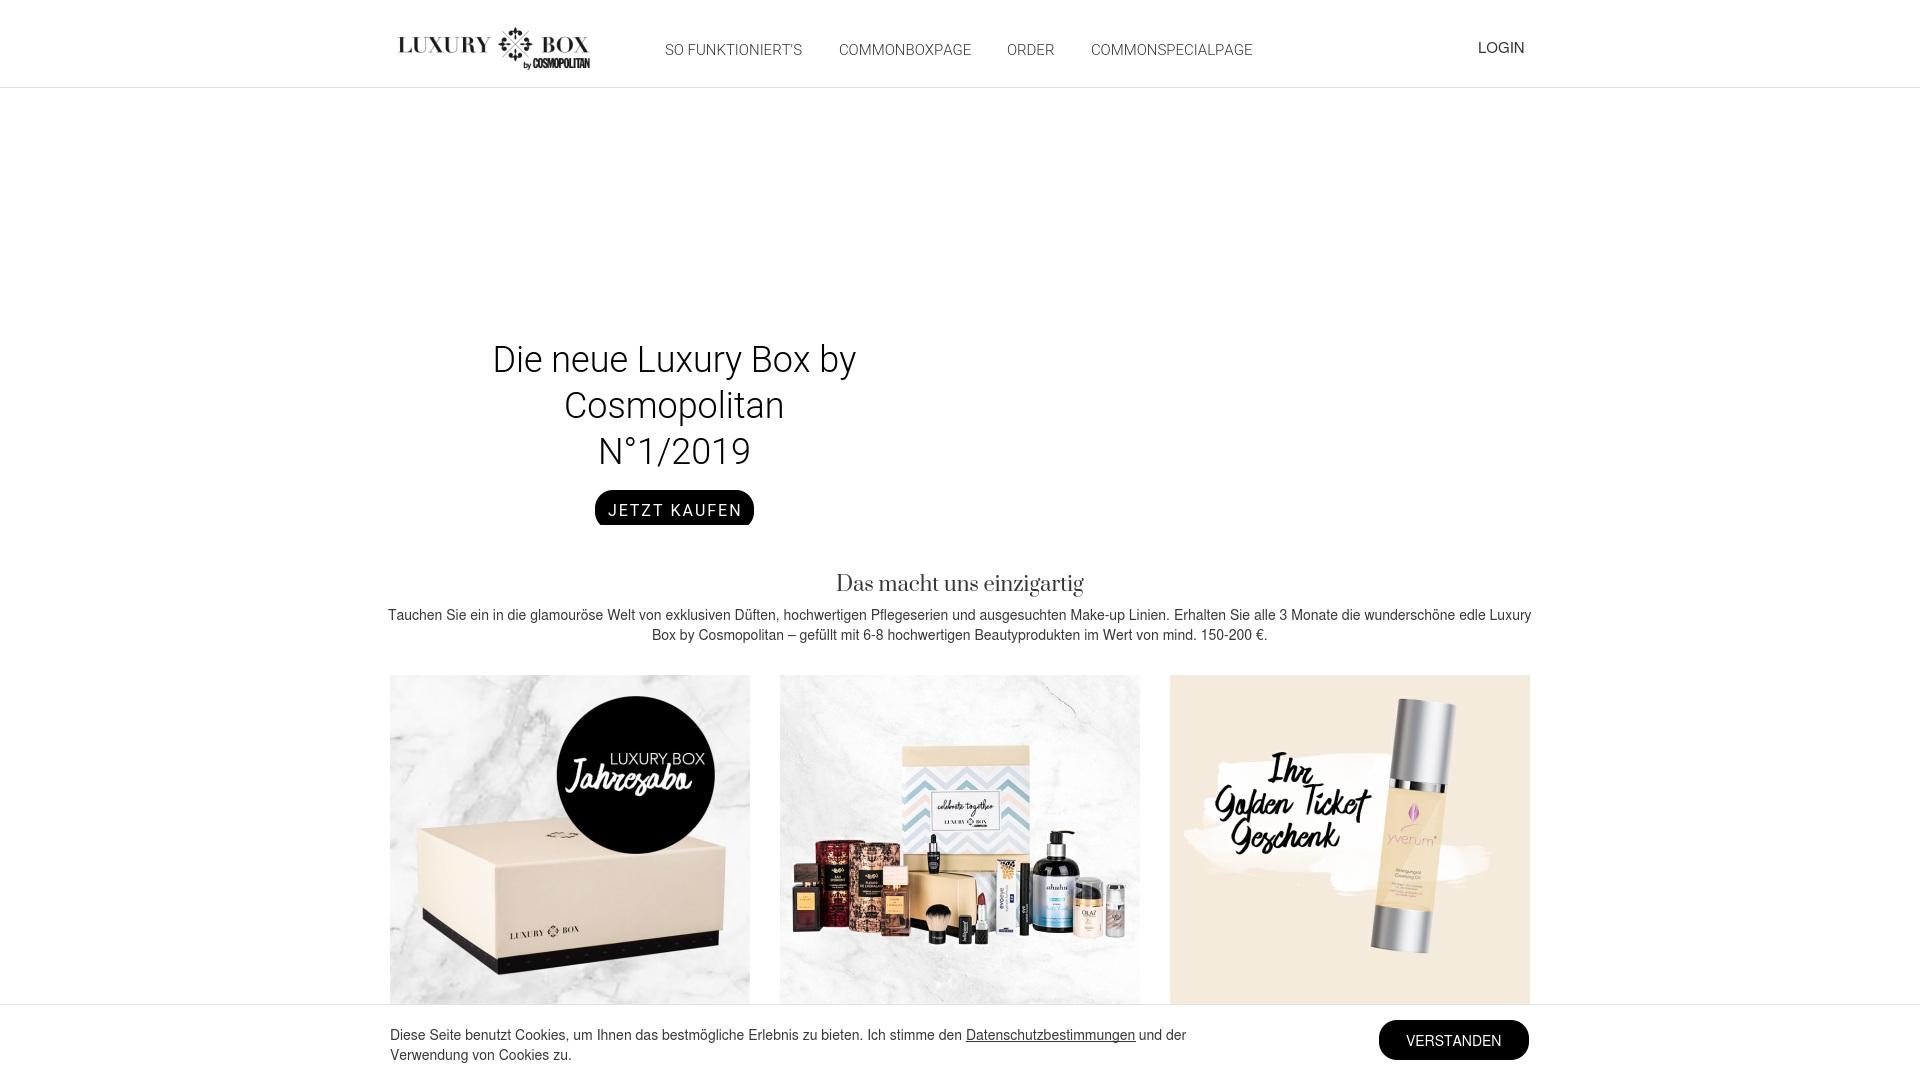 Gutschein für Luxurybox: Rabatte für  Luxurybox sichern